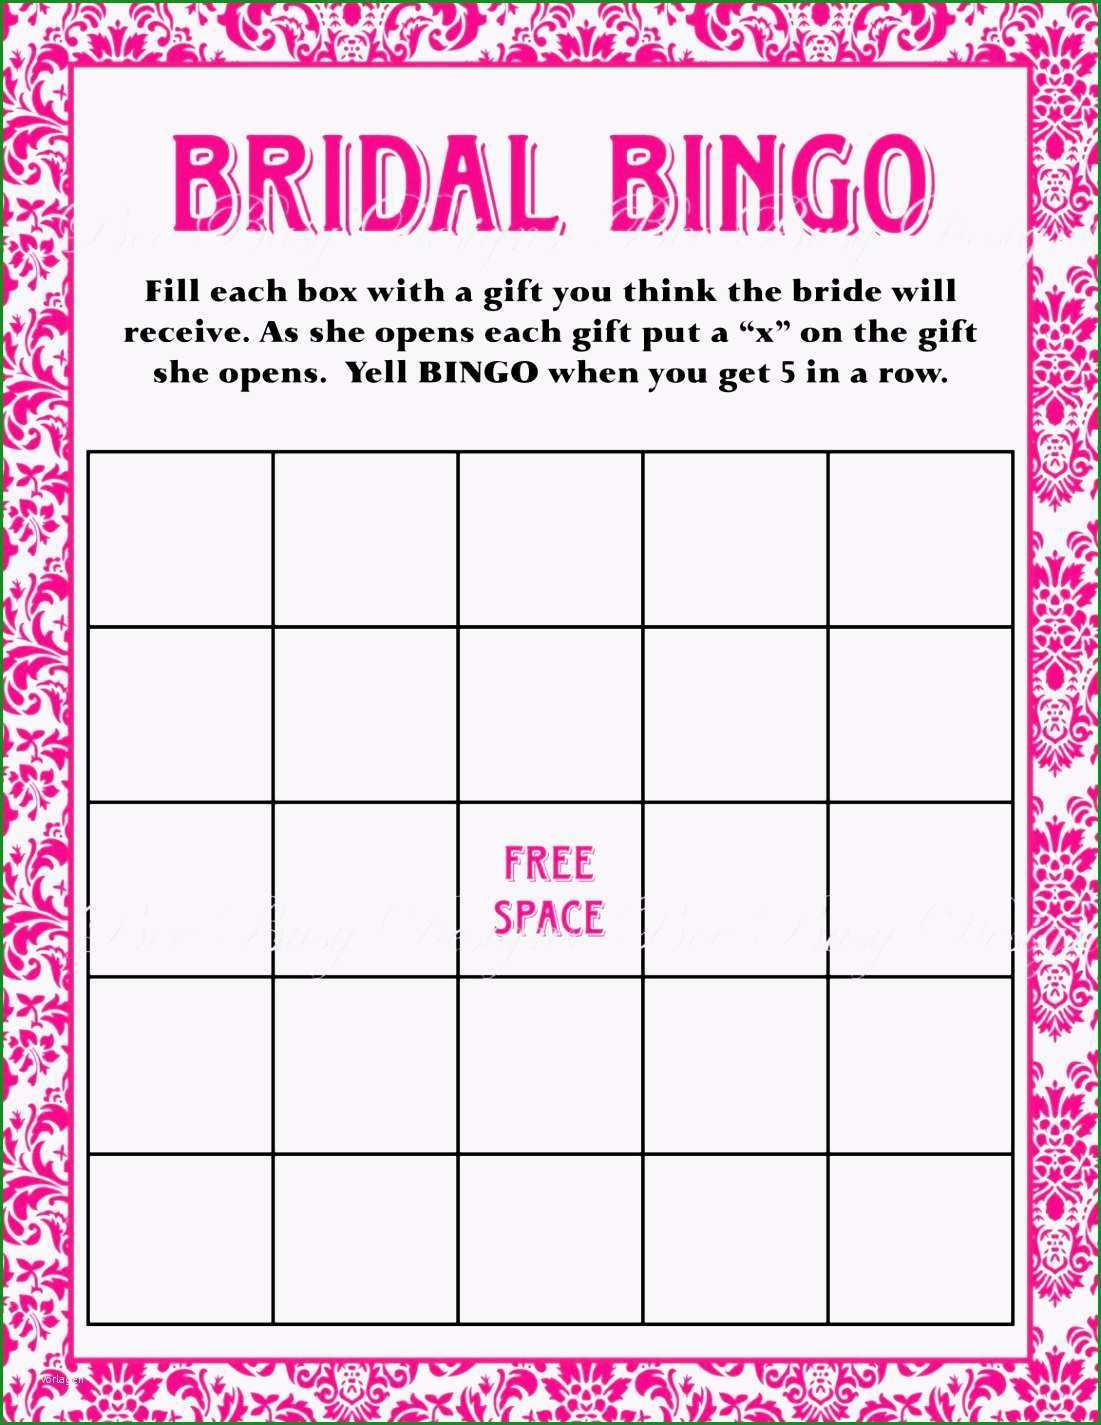 druckbare bingo vorlage kdgznw